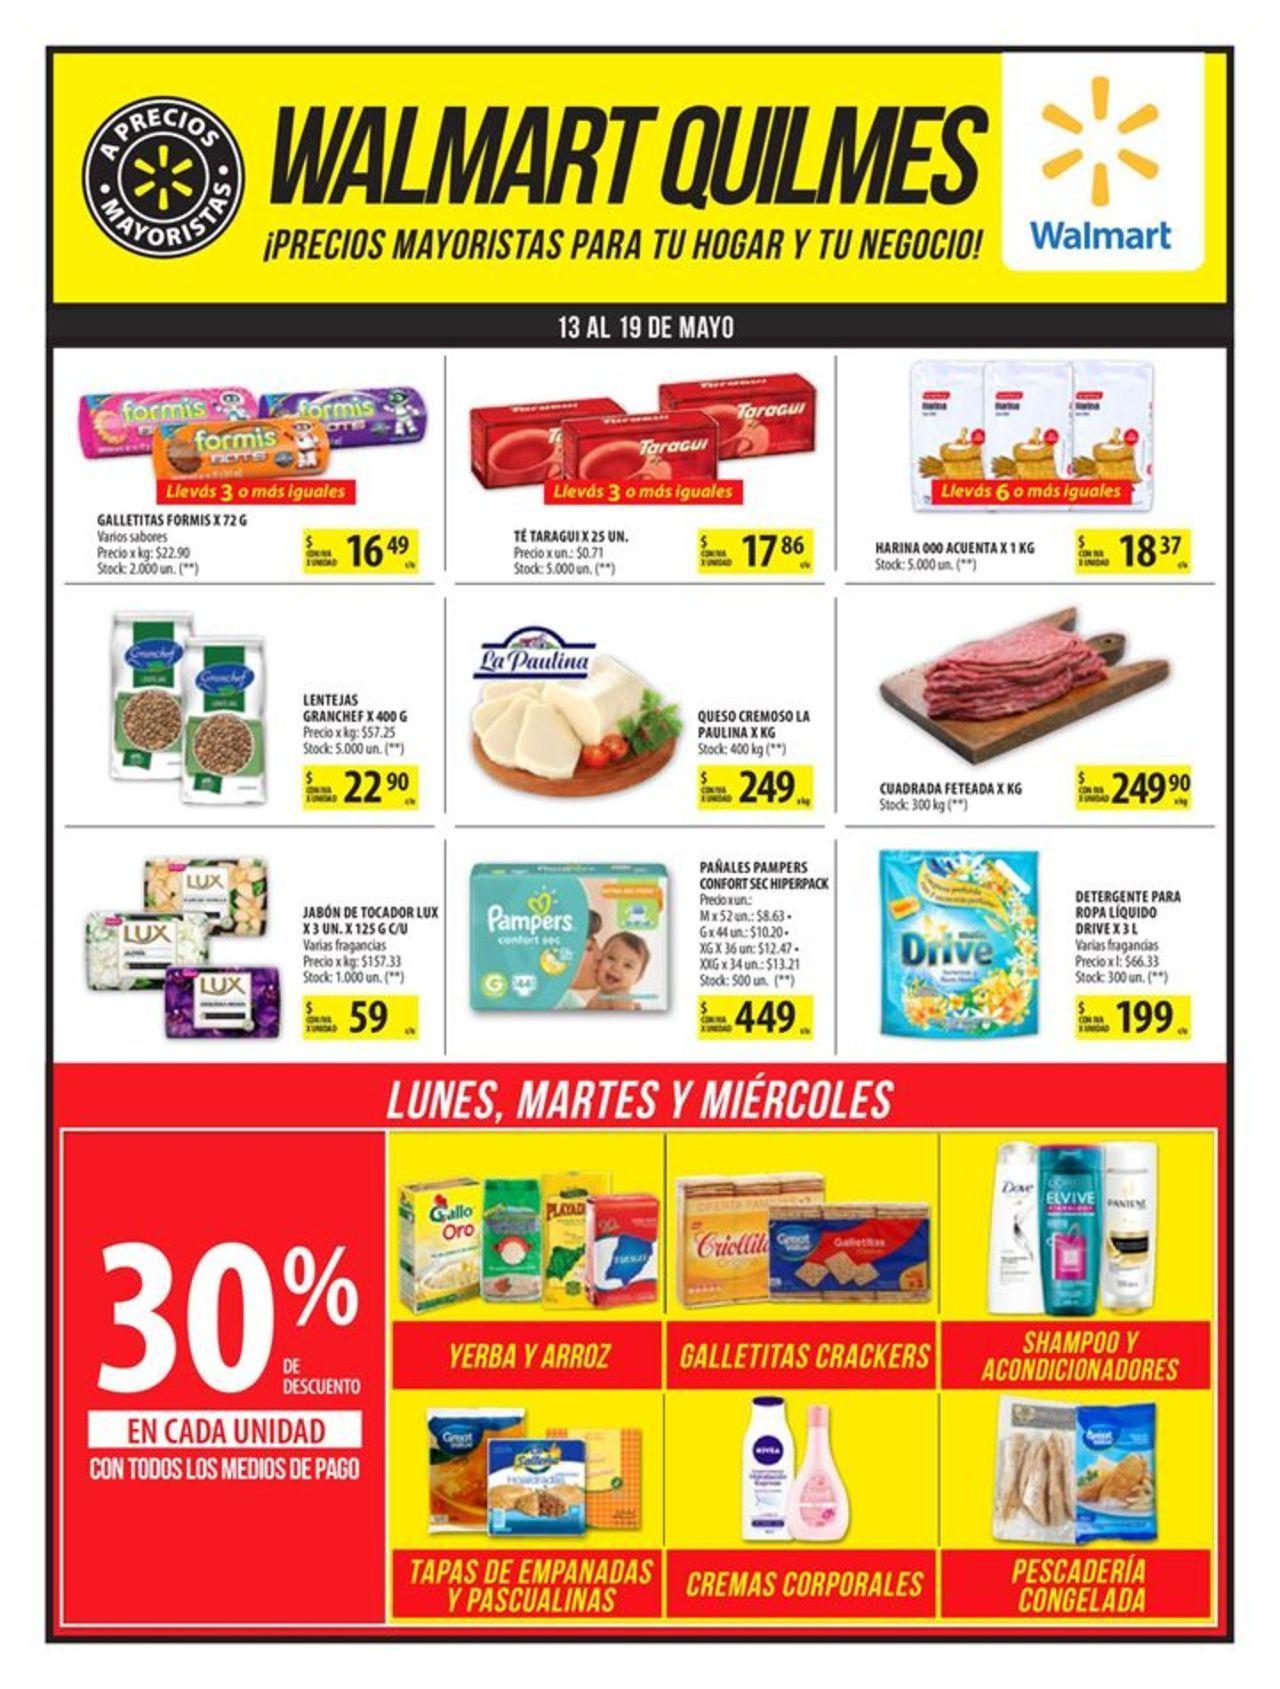 Walmart Folleto Actual Valido Desde El 13 05 2019 Numero De Pagina 1 Walmart Folletos Ofertas